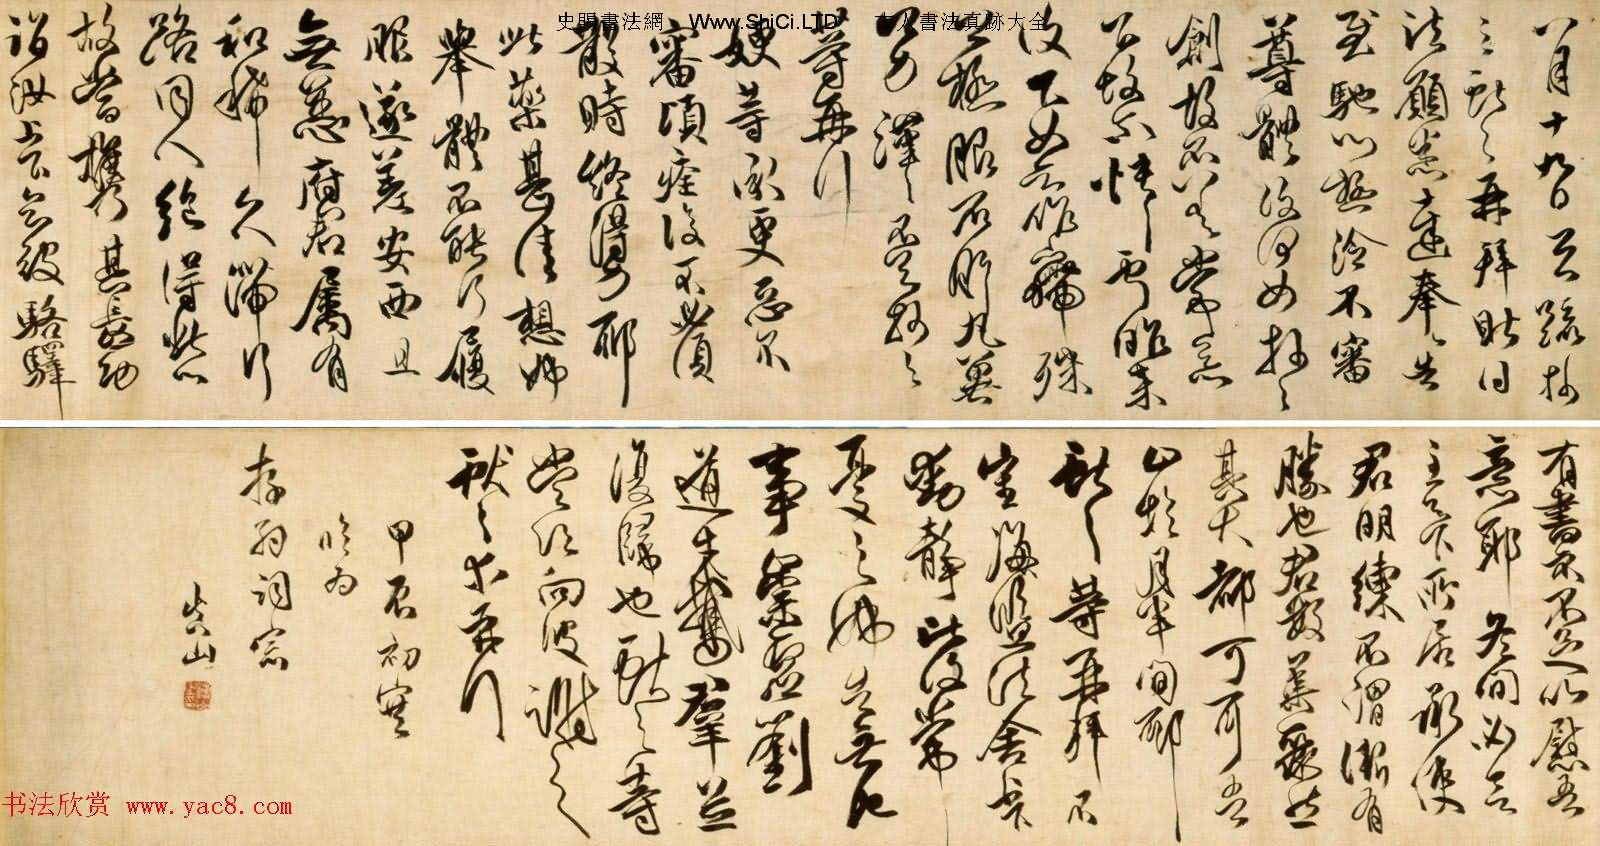 清代傅山58歲草書《臨大令帖》卷(共16張圖片)